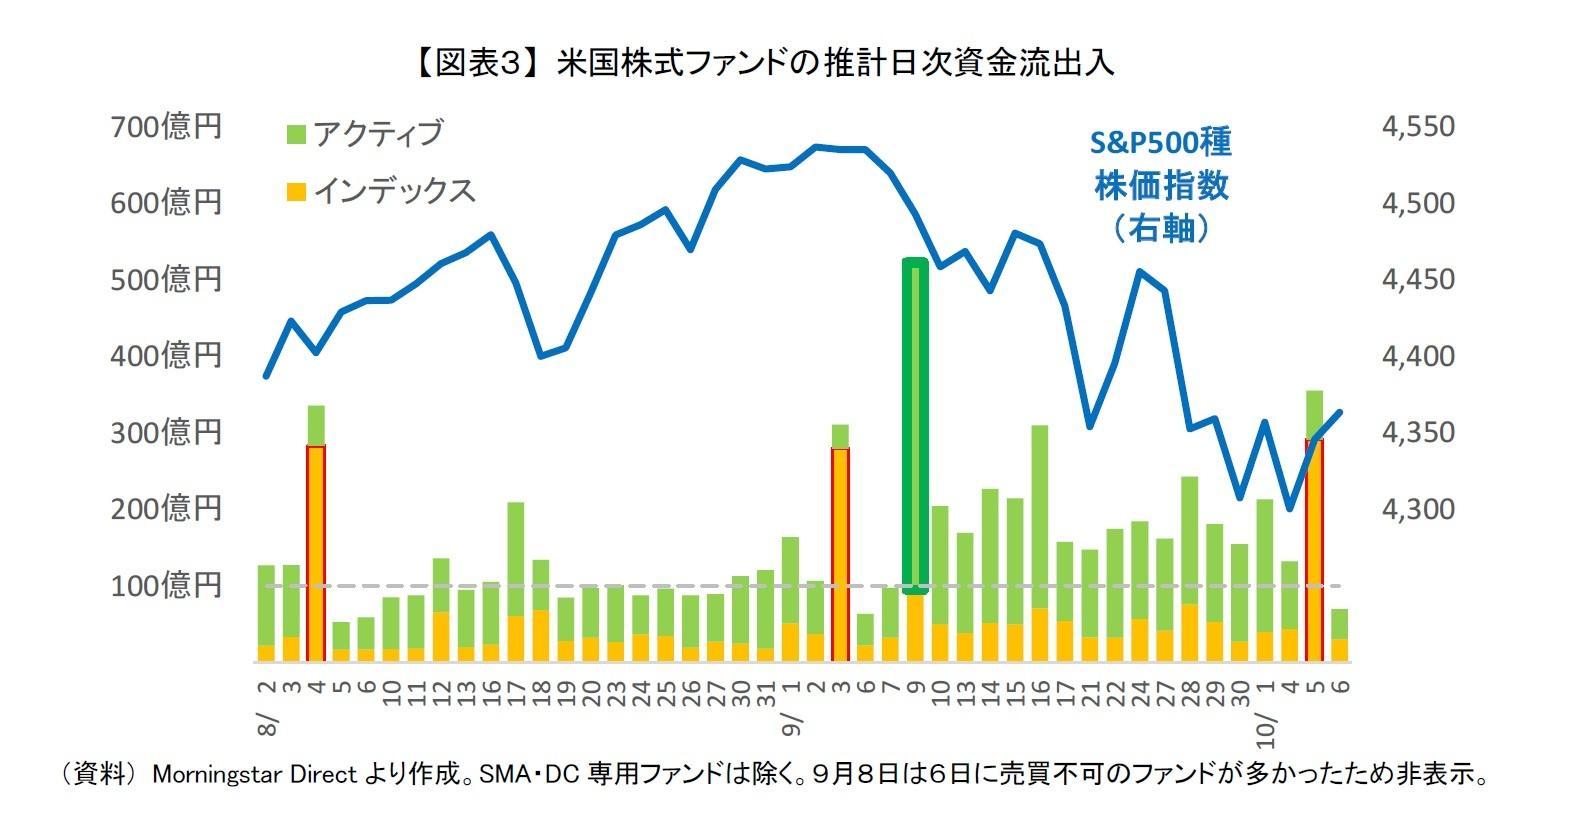 【図表3】 米国株式ファンドの推計日次資金流出入